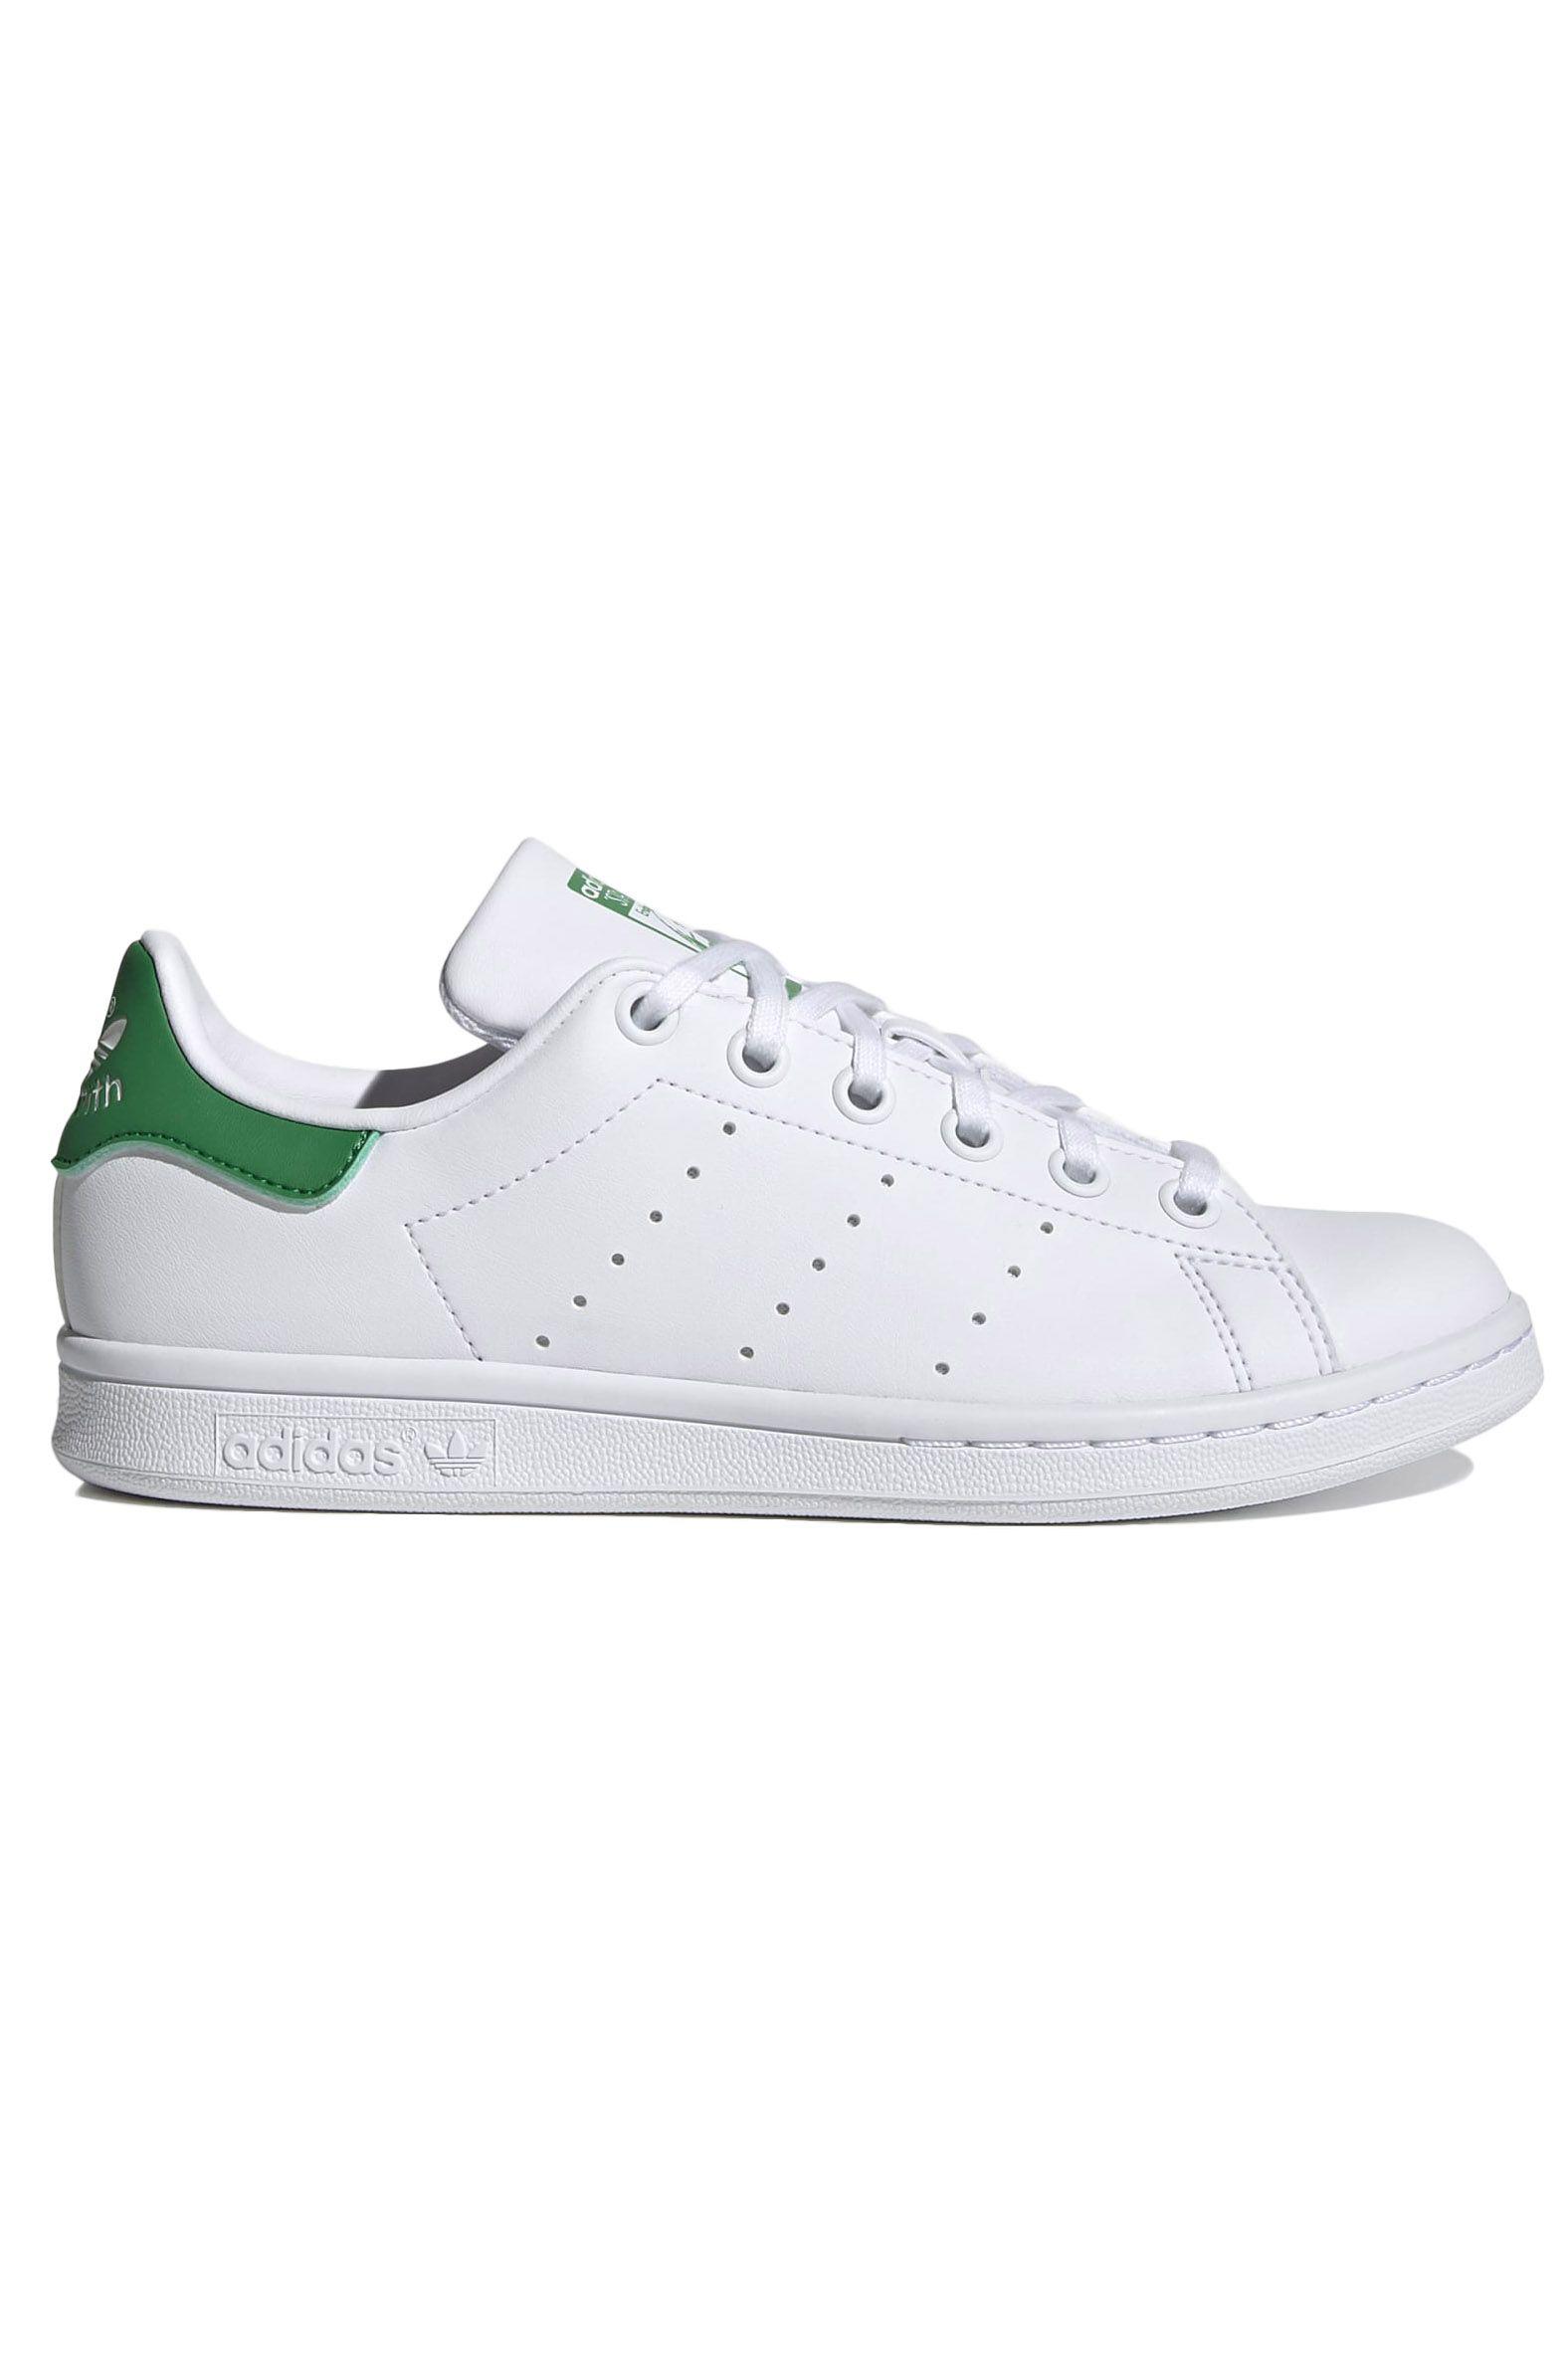 Tenis Adidas STAN SMITH J Ftwr White/Ftwr White/Green